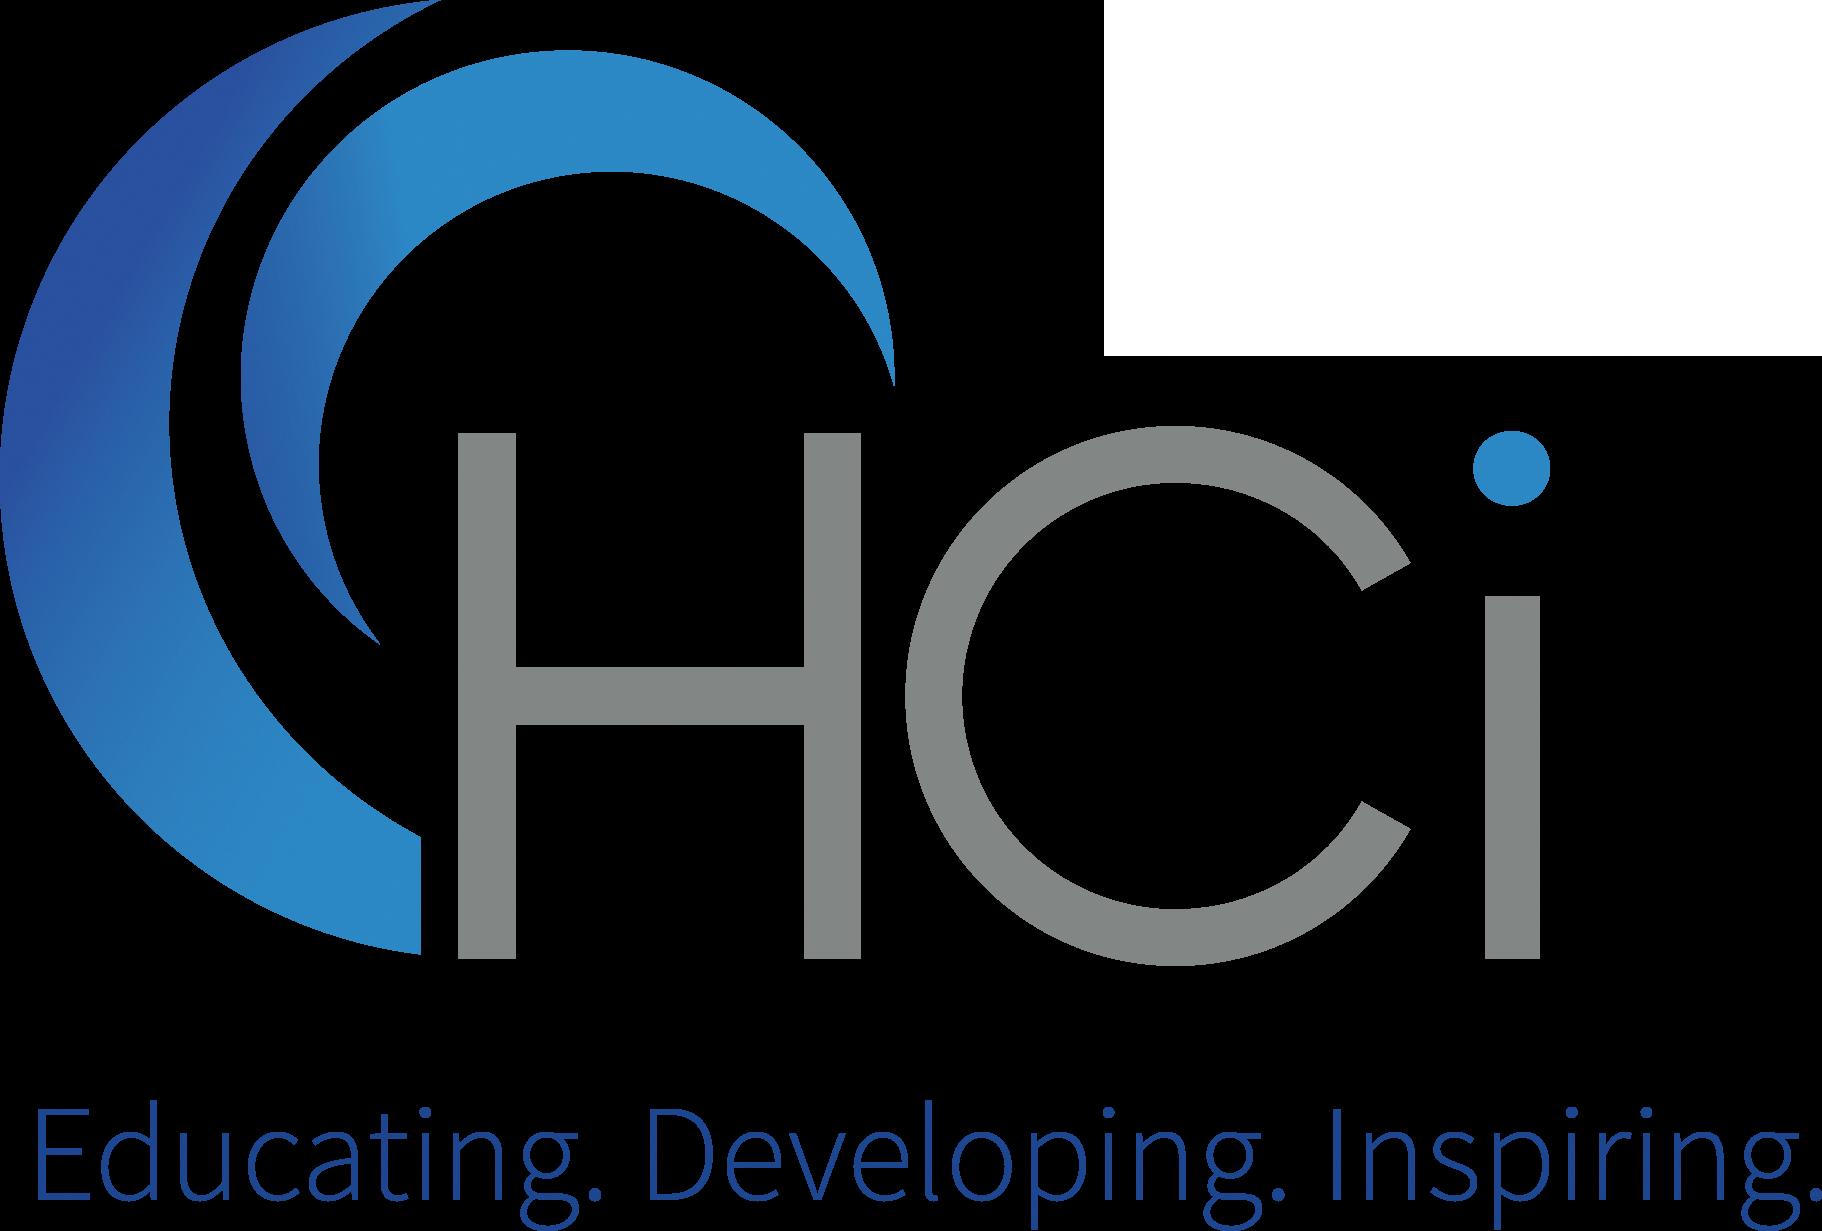 HCI Skills